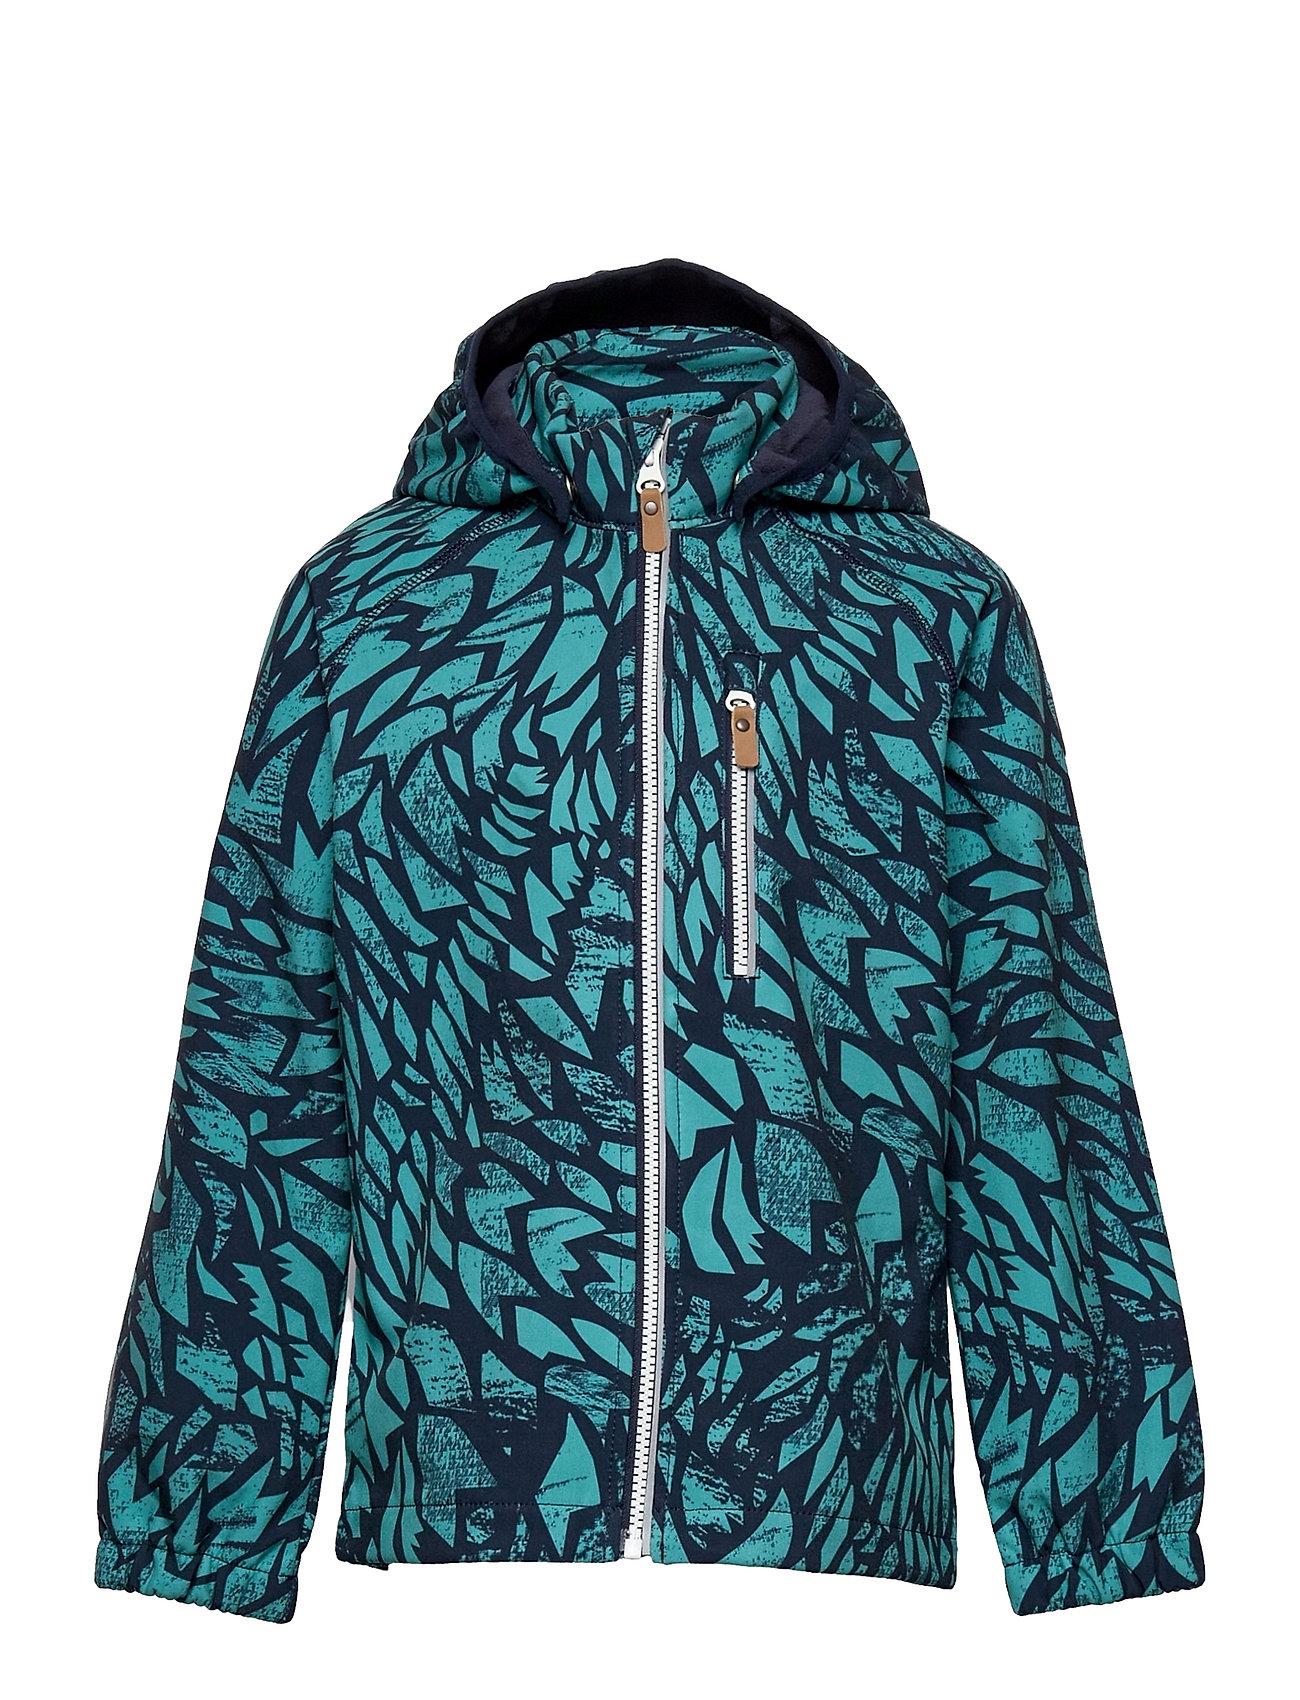 Vantti Outerwear Softshells Softshell Jackets Blå Reima